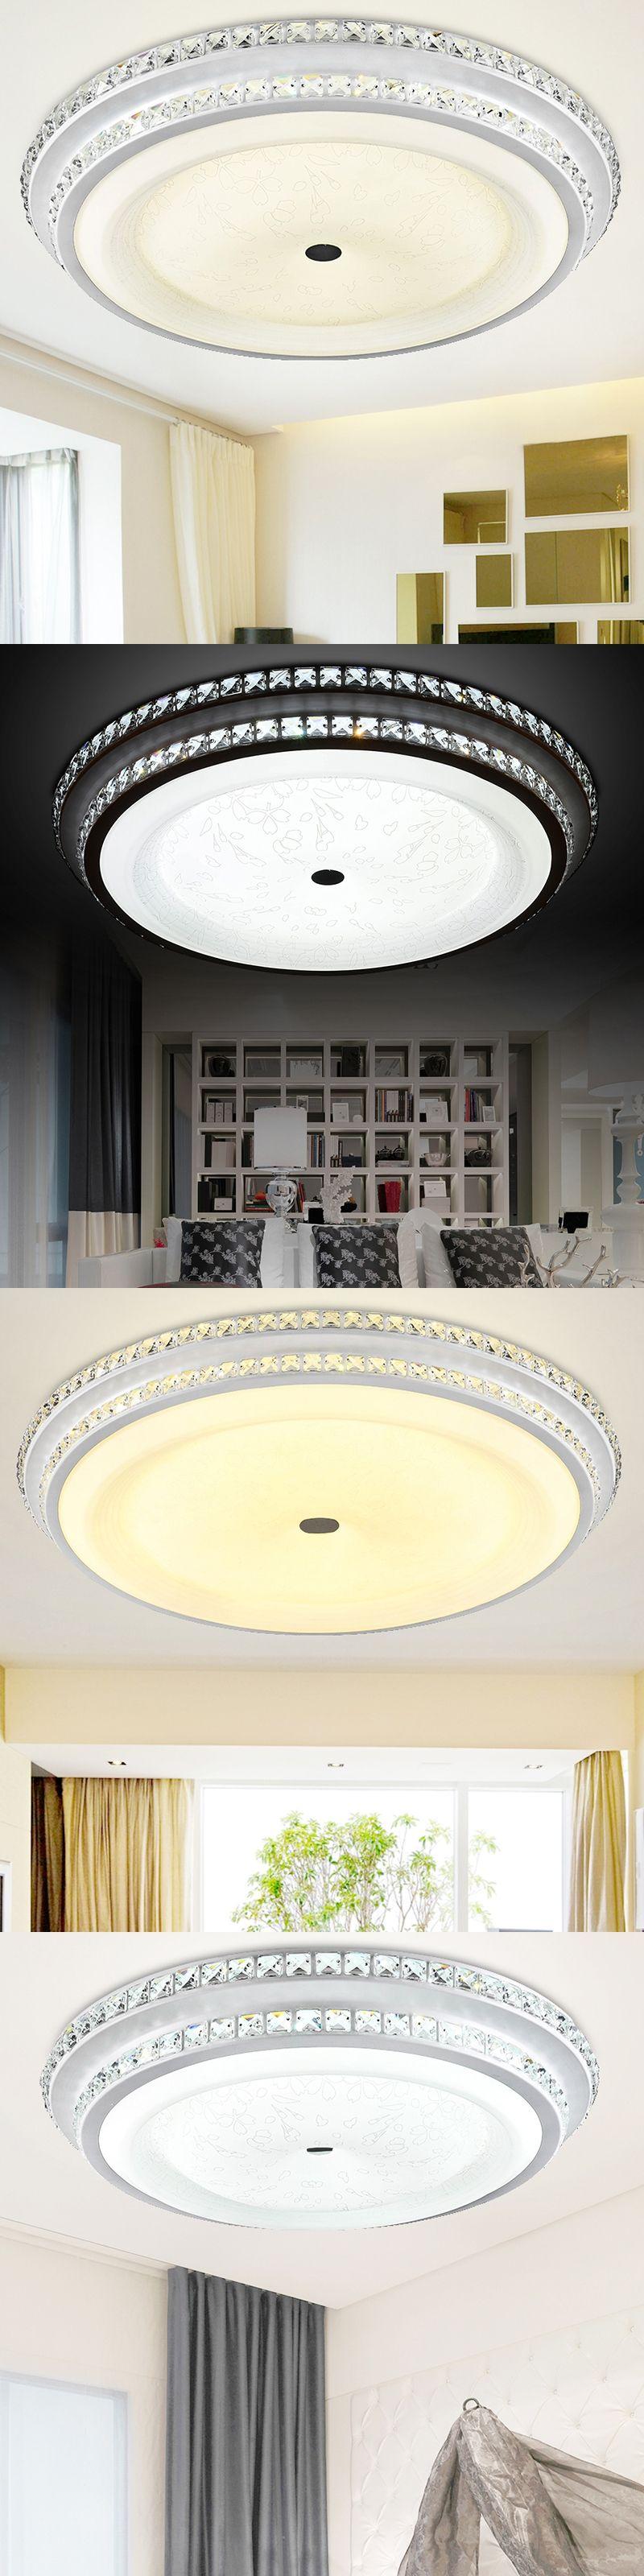 modern crystal ceiling lights bedroom living room lampen kristal ...